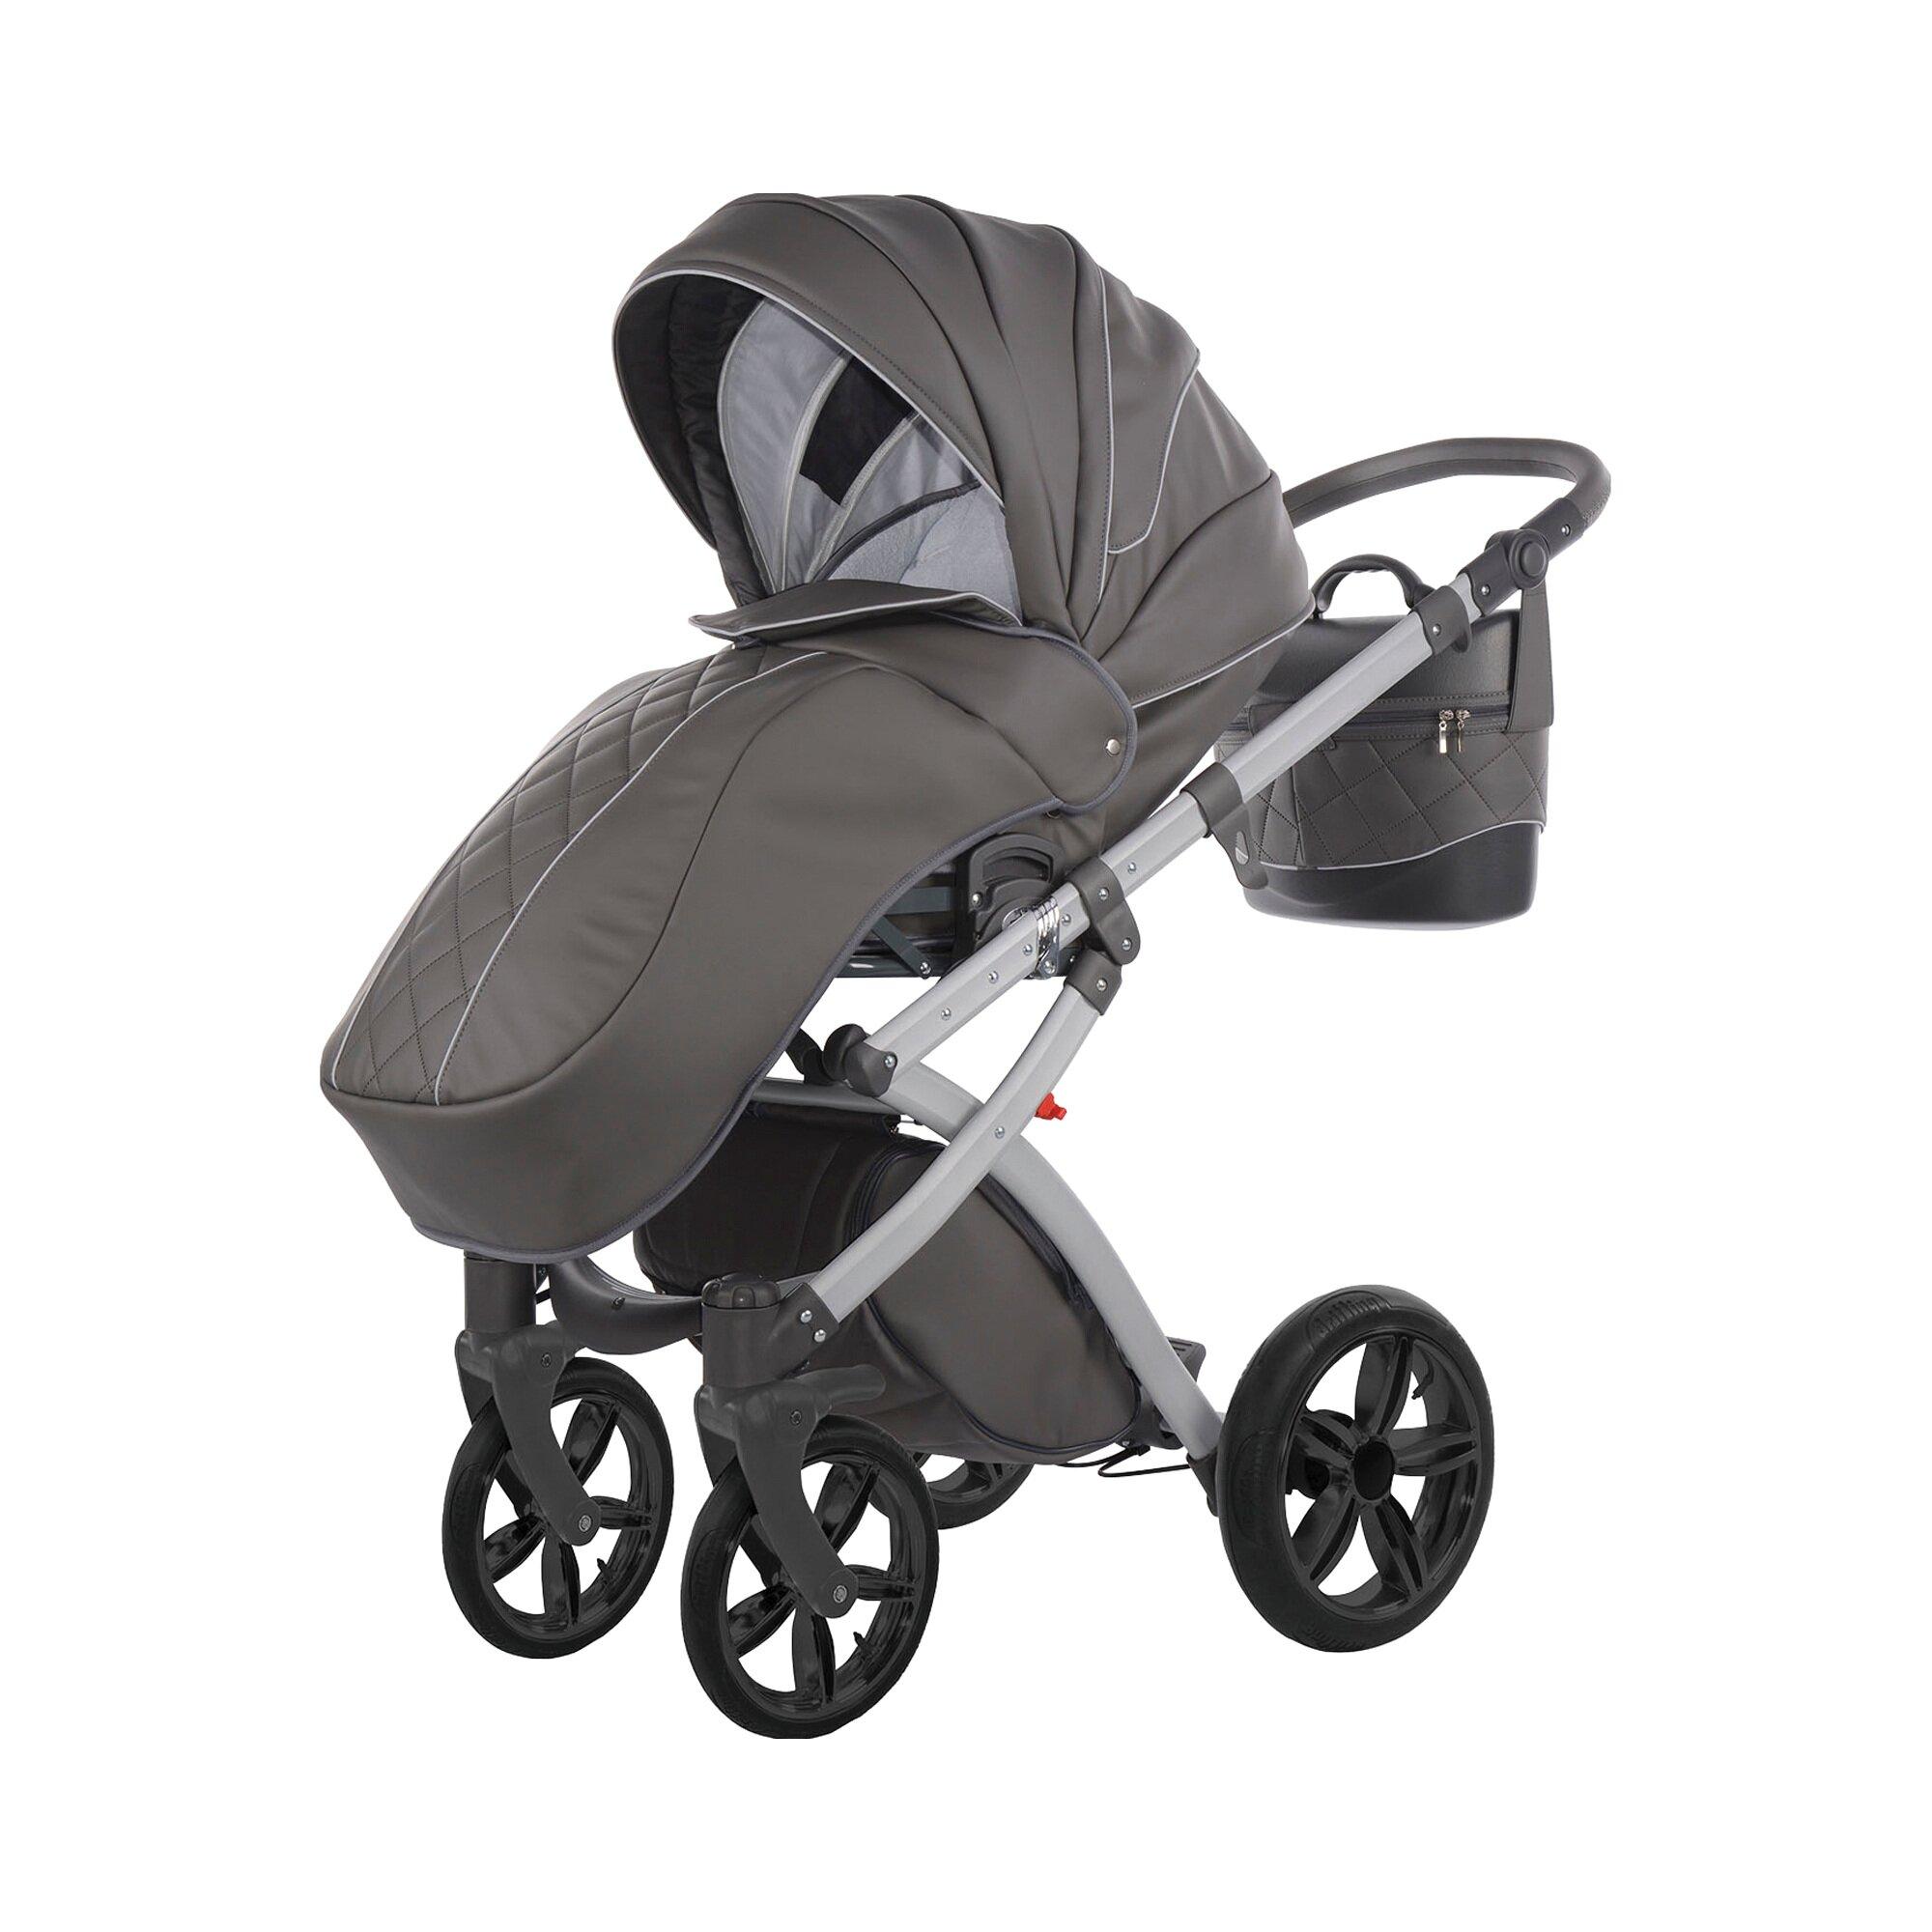 knorr-baby-alive-eco-pure-kombikinderwagen-mit-wickeltasche-grau